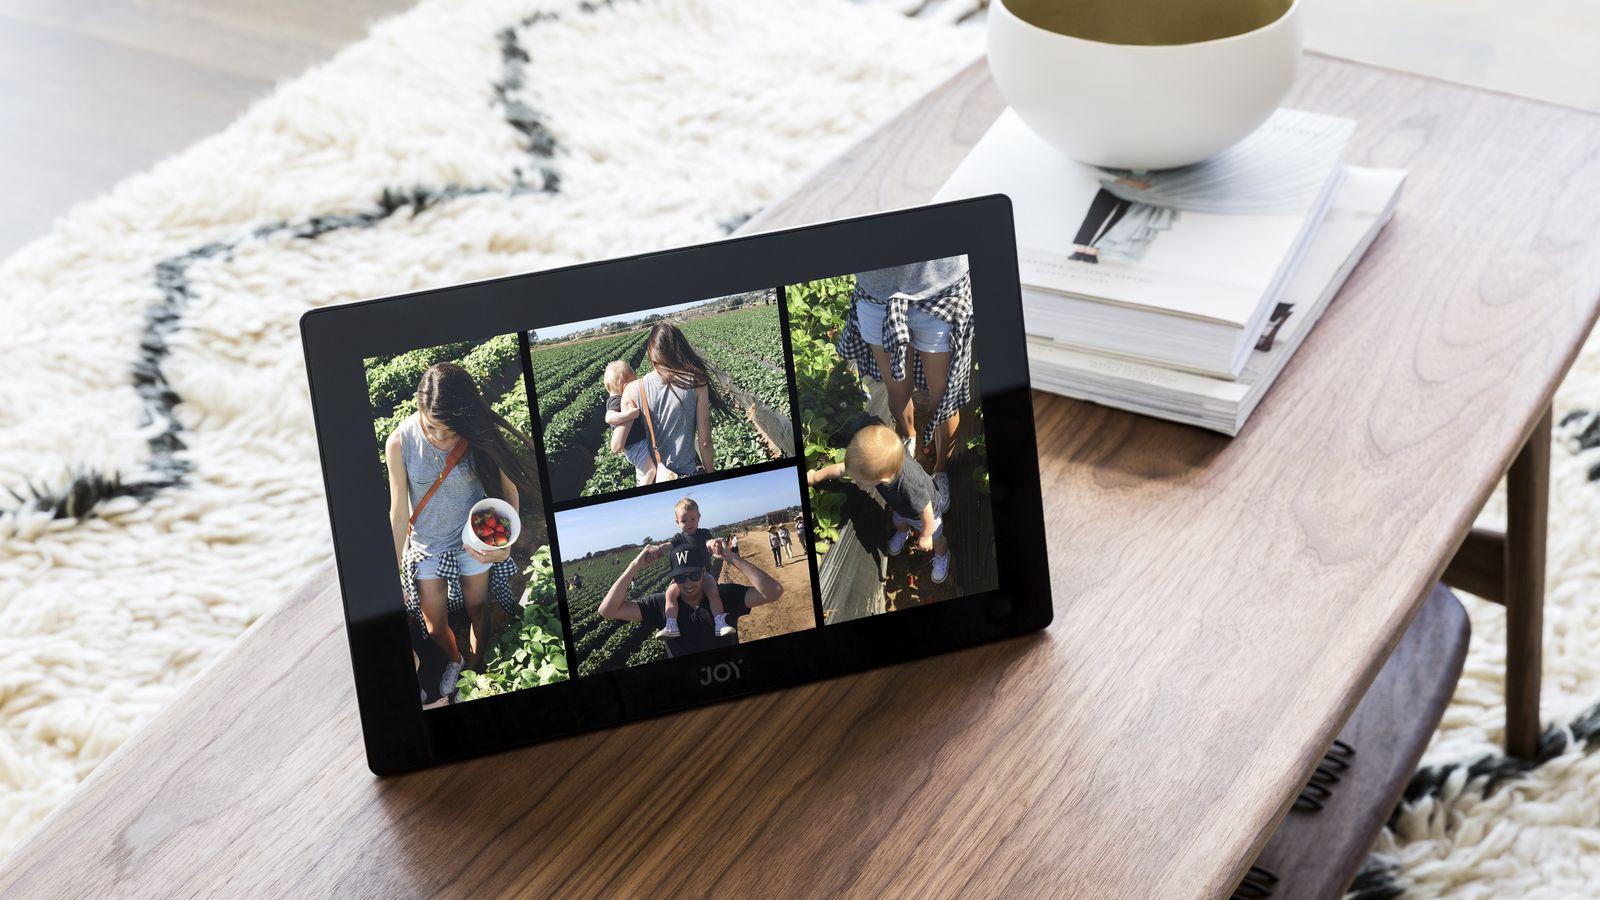 Joy, il tablet che in realtà una cornice per guardare le foto (video)